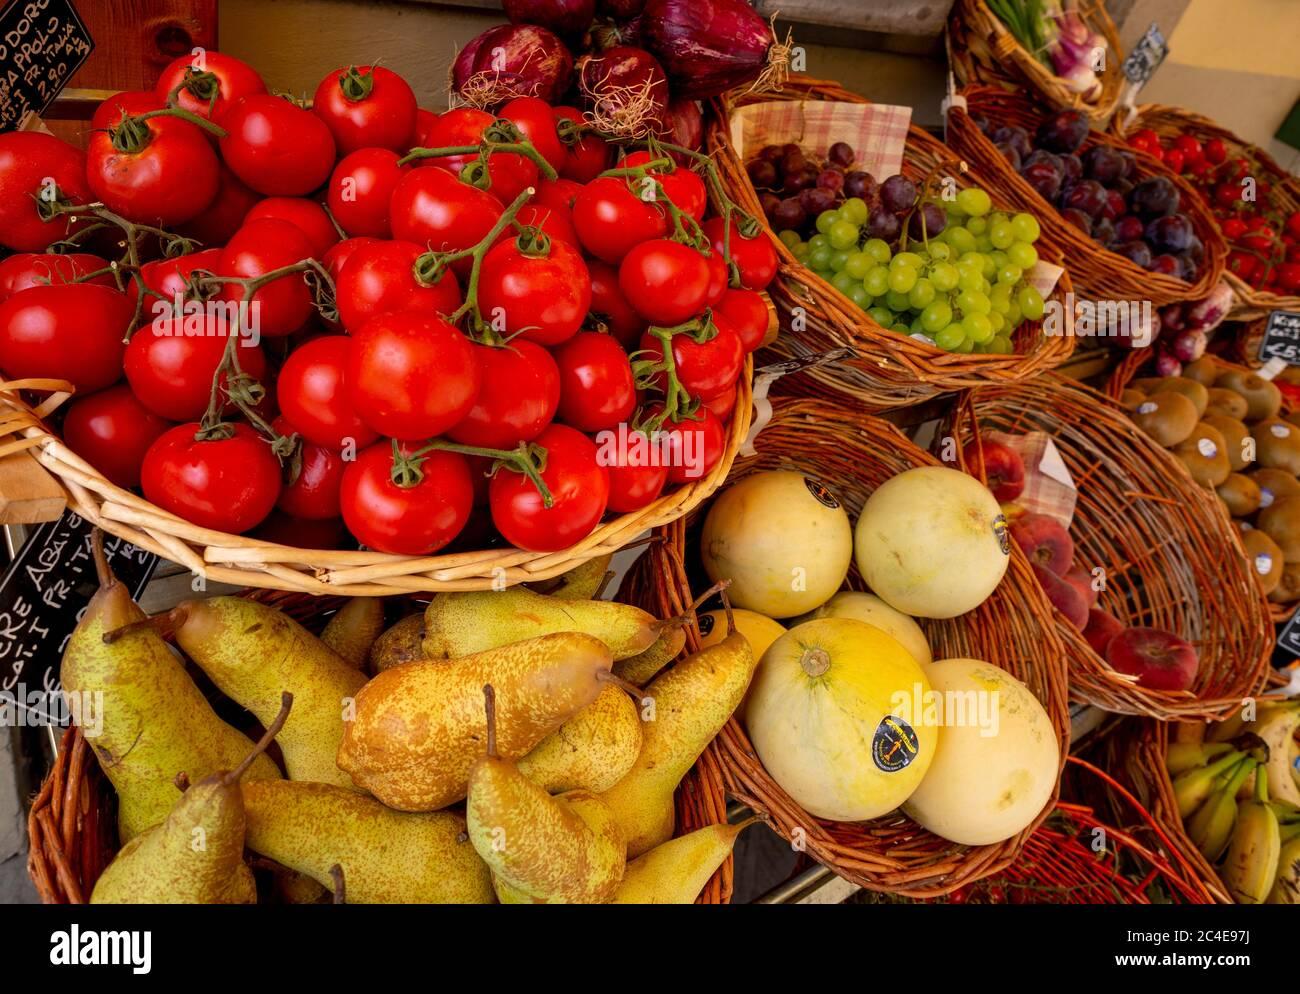 Frisches Obst und Gemüse in Körben außerhalb eines italienischen Gemüsehändler ausgestellt. Stockfoto